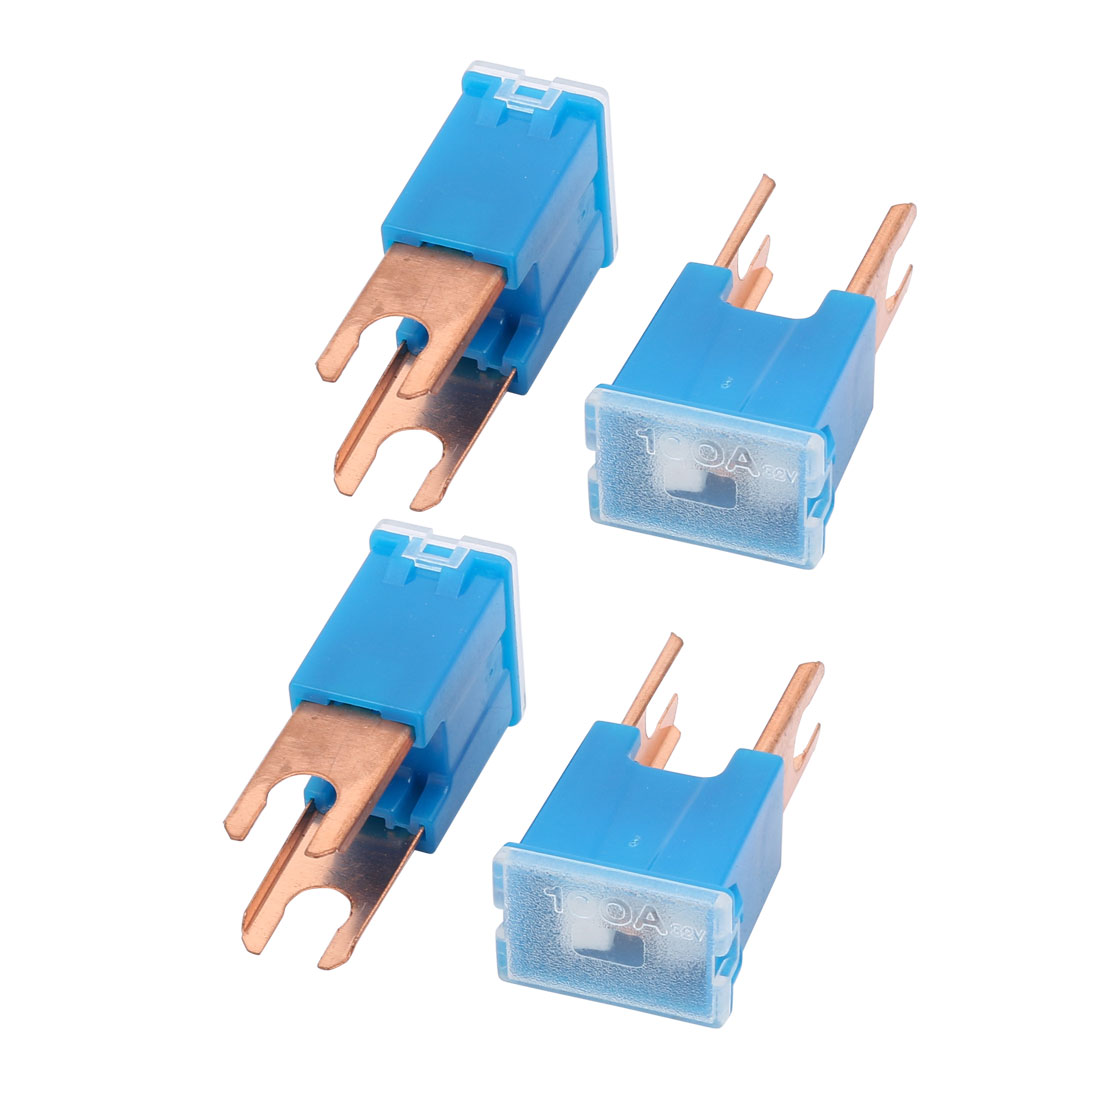 4Pcs Blue 100A 32V Male PAL Link Pacific Type Mini Slow Blow Fuse for Car Auto